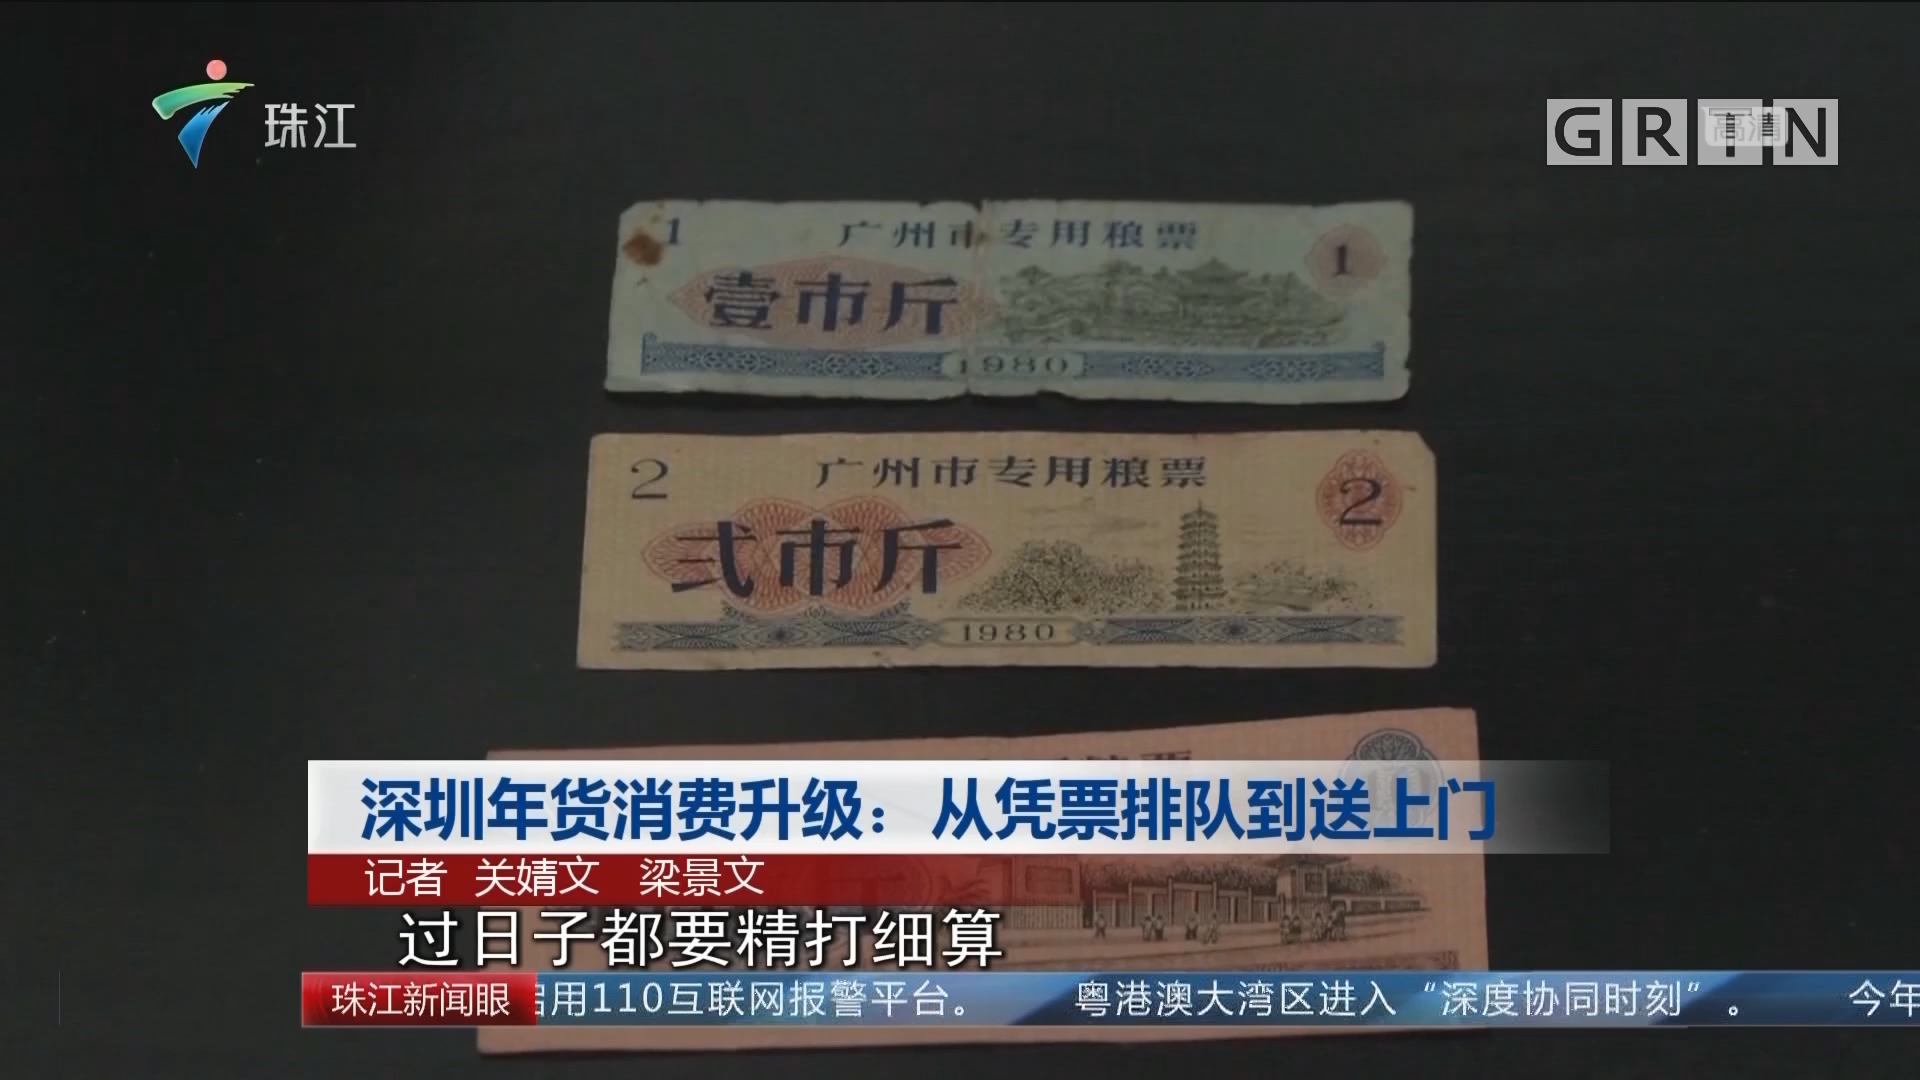 深圳年货消费升级:从凭票排队到送上门